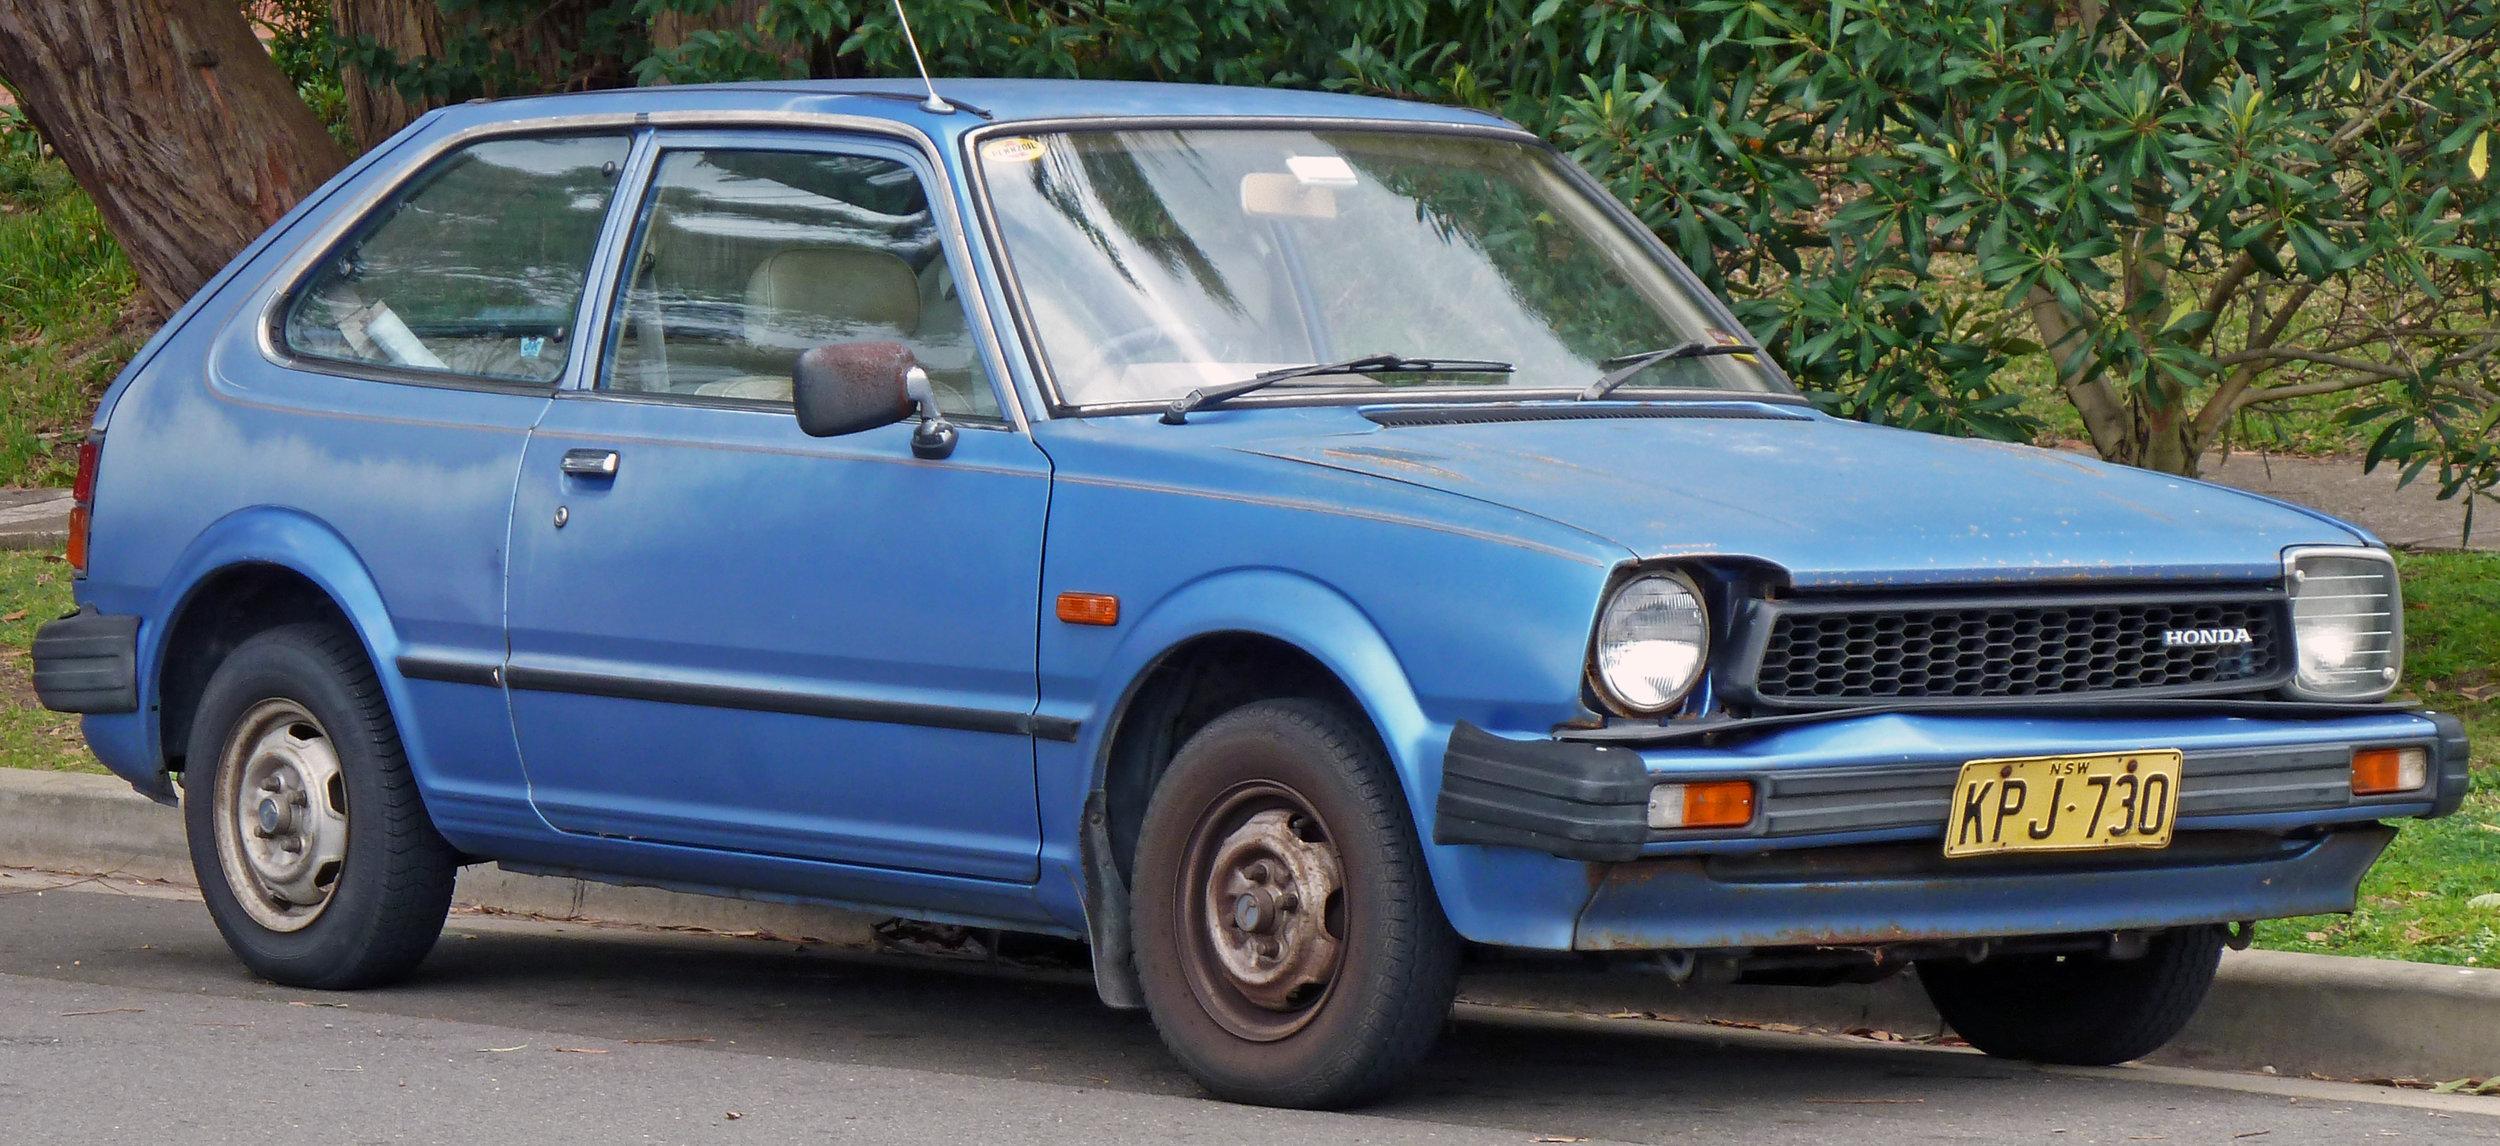 1980_Honda_Civic_3-door_hatchback_(2010-07-22).jpg